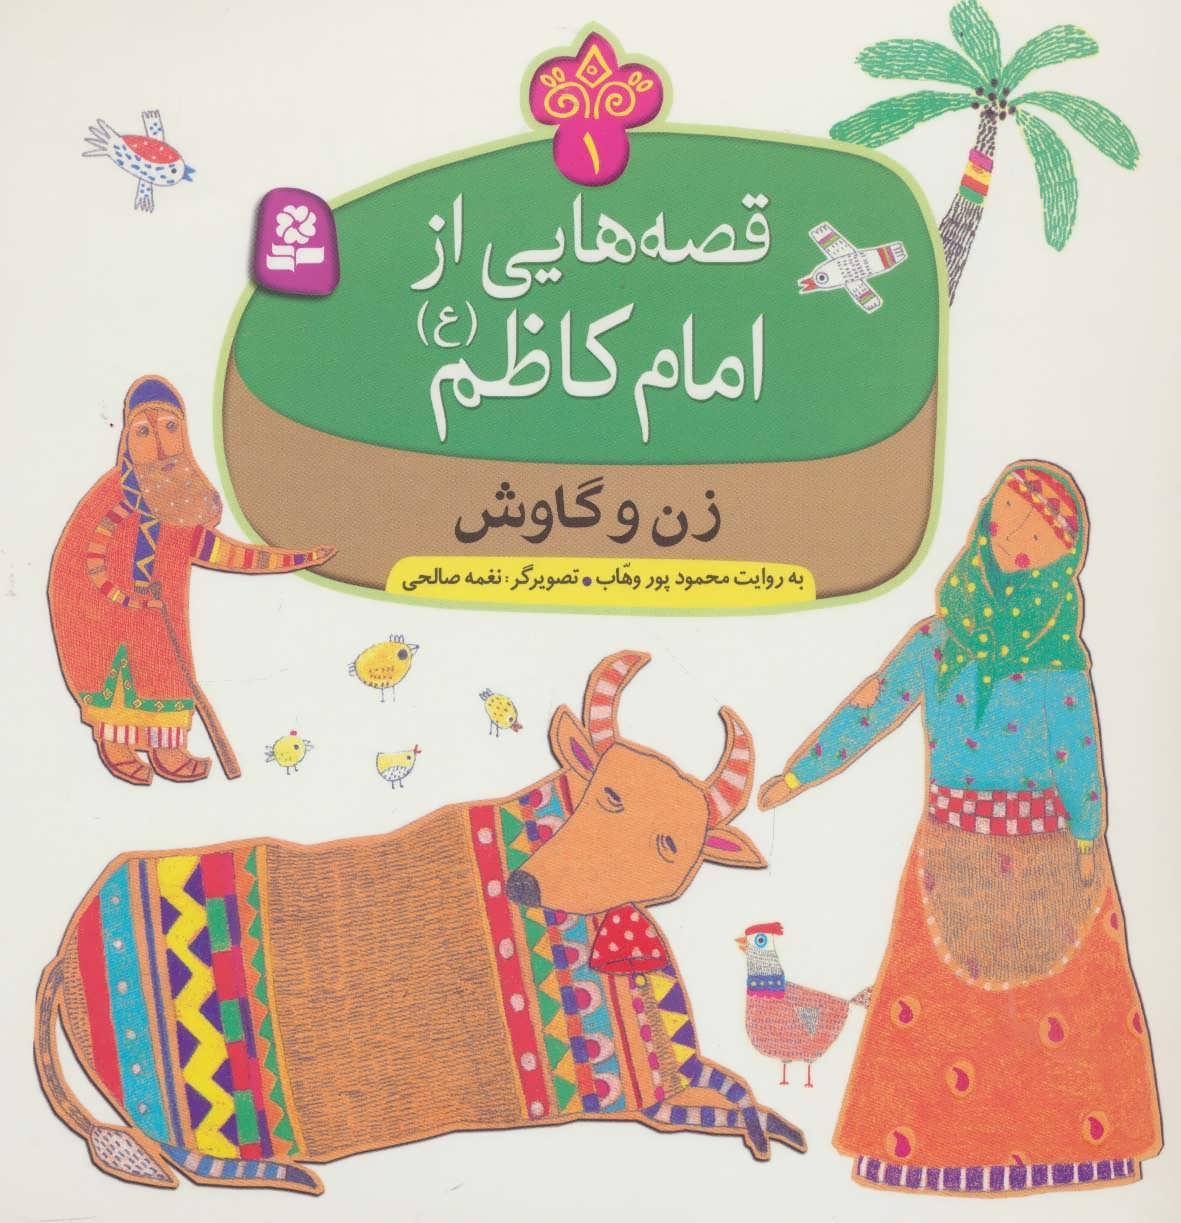 قصه هایی از امام کاظم (ع)،(10جلدی)